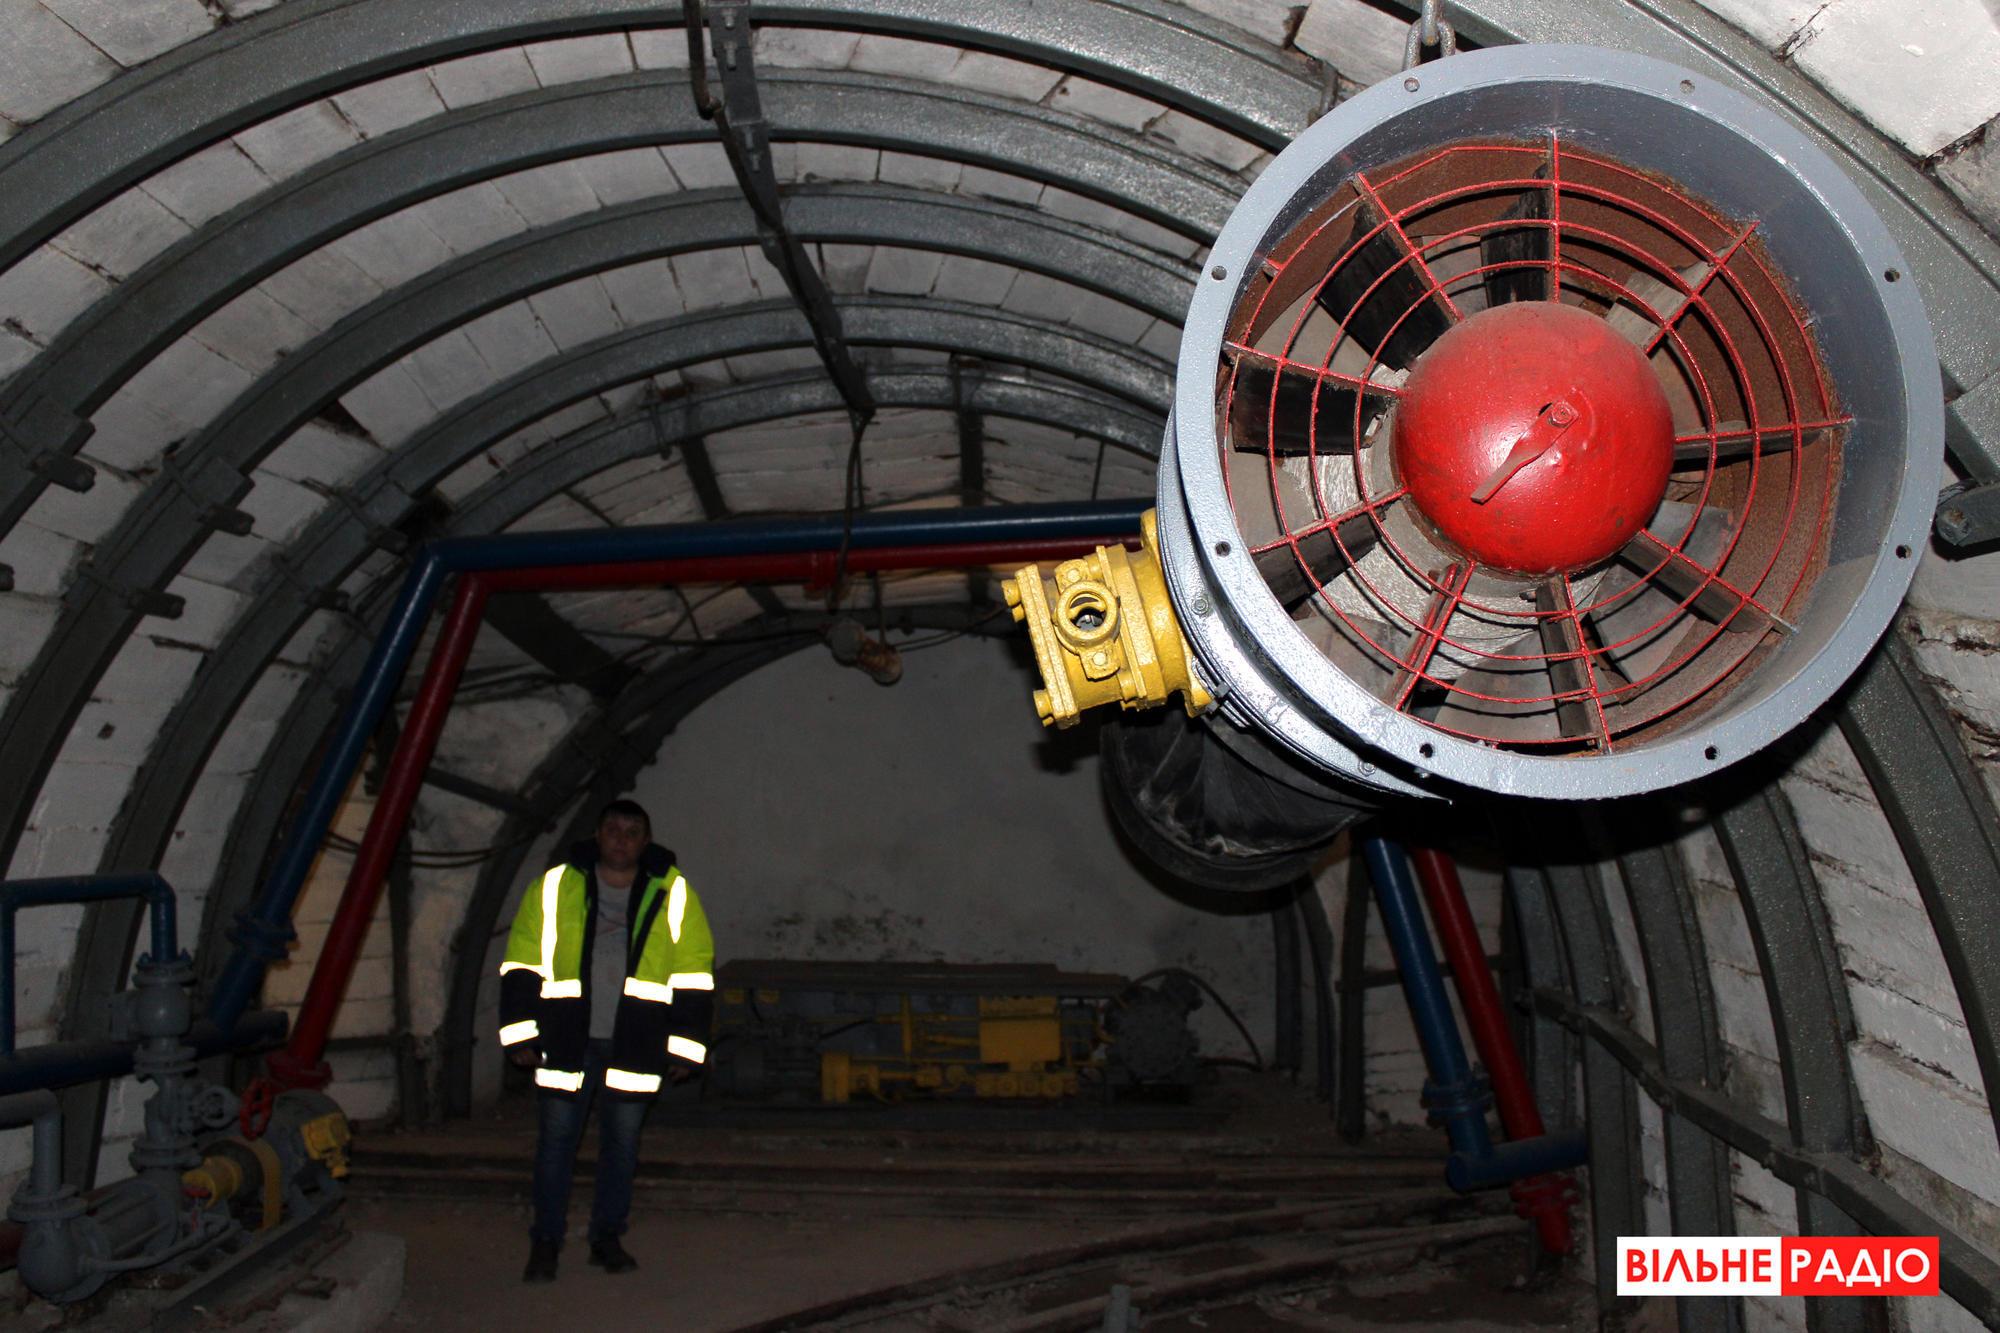 Вентилятор, який провітрює гірничі виробки. Фото з навчальної шахти Торецька